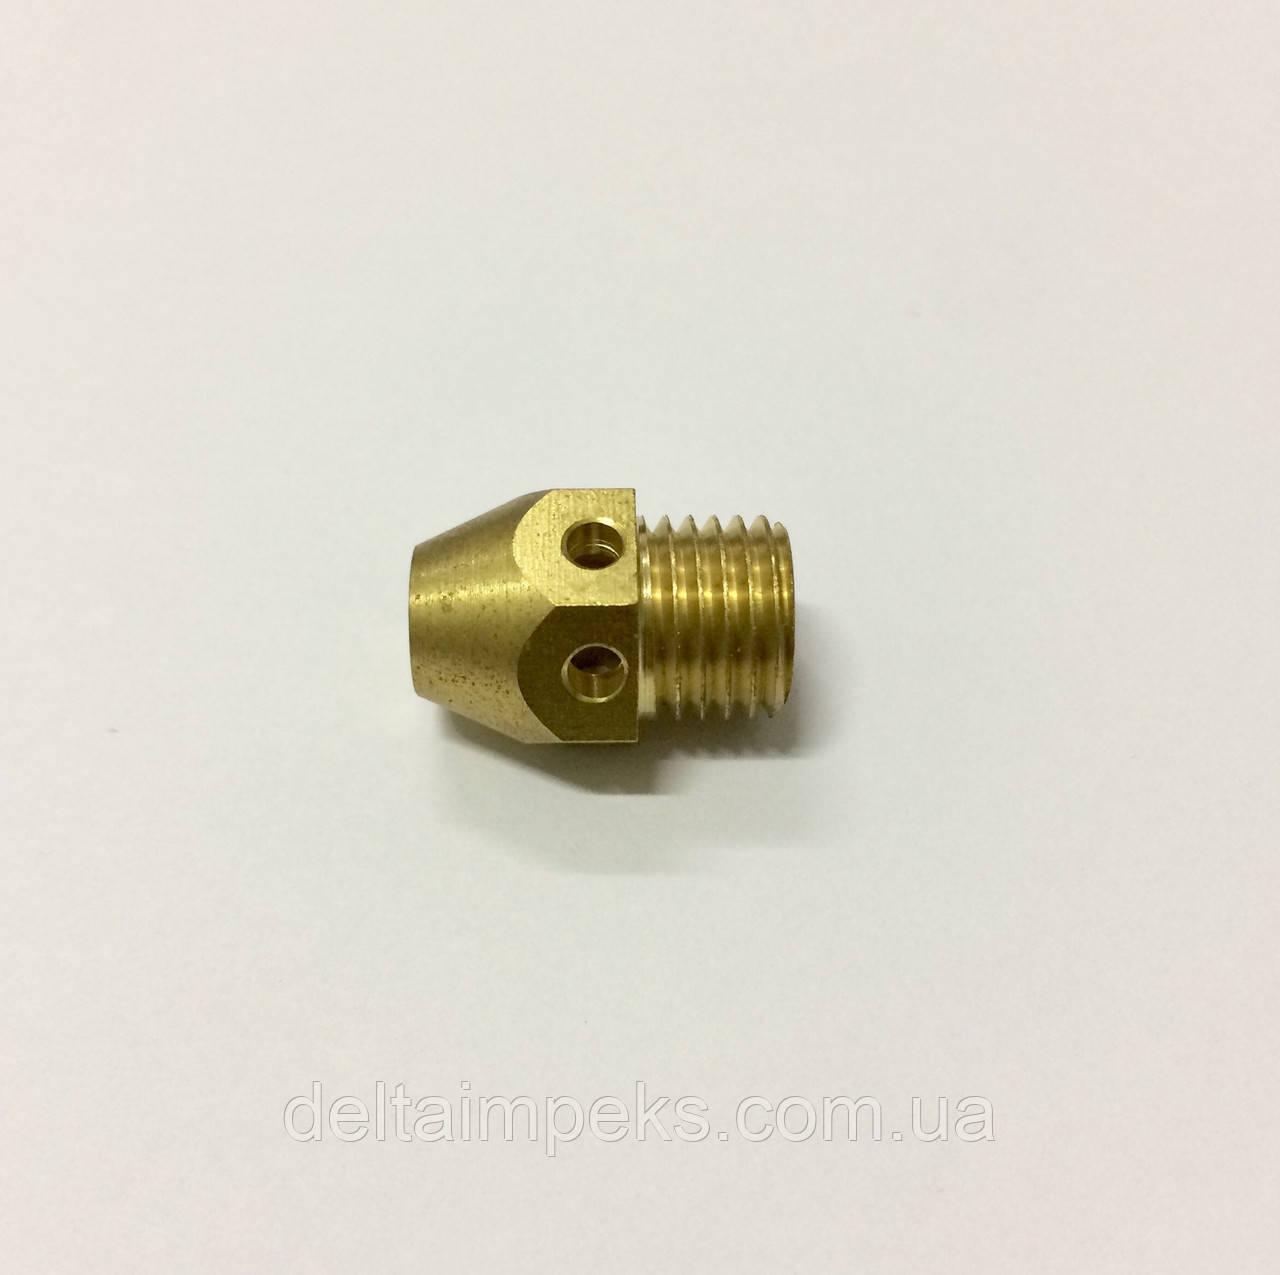 Корпус цанги для горелки ABITIG 18SC, д. 0,5-3,2 мм